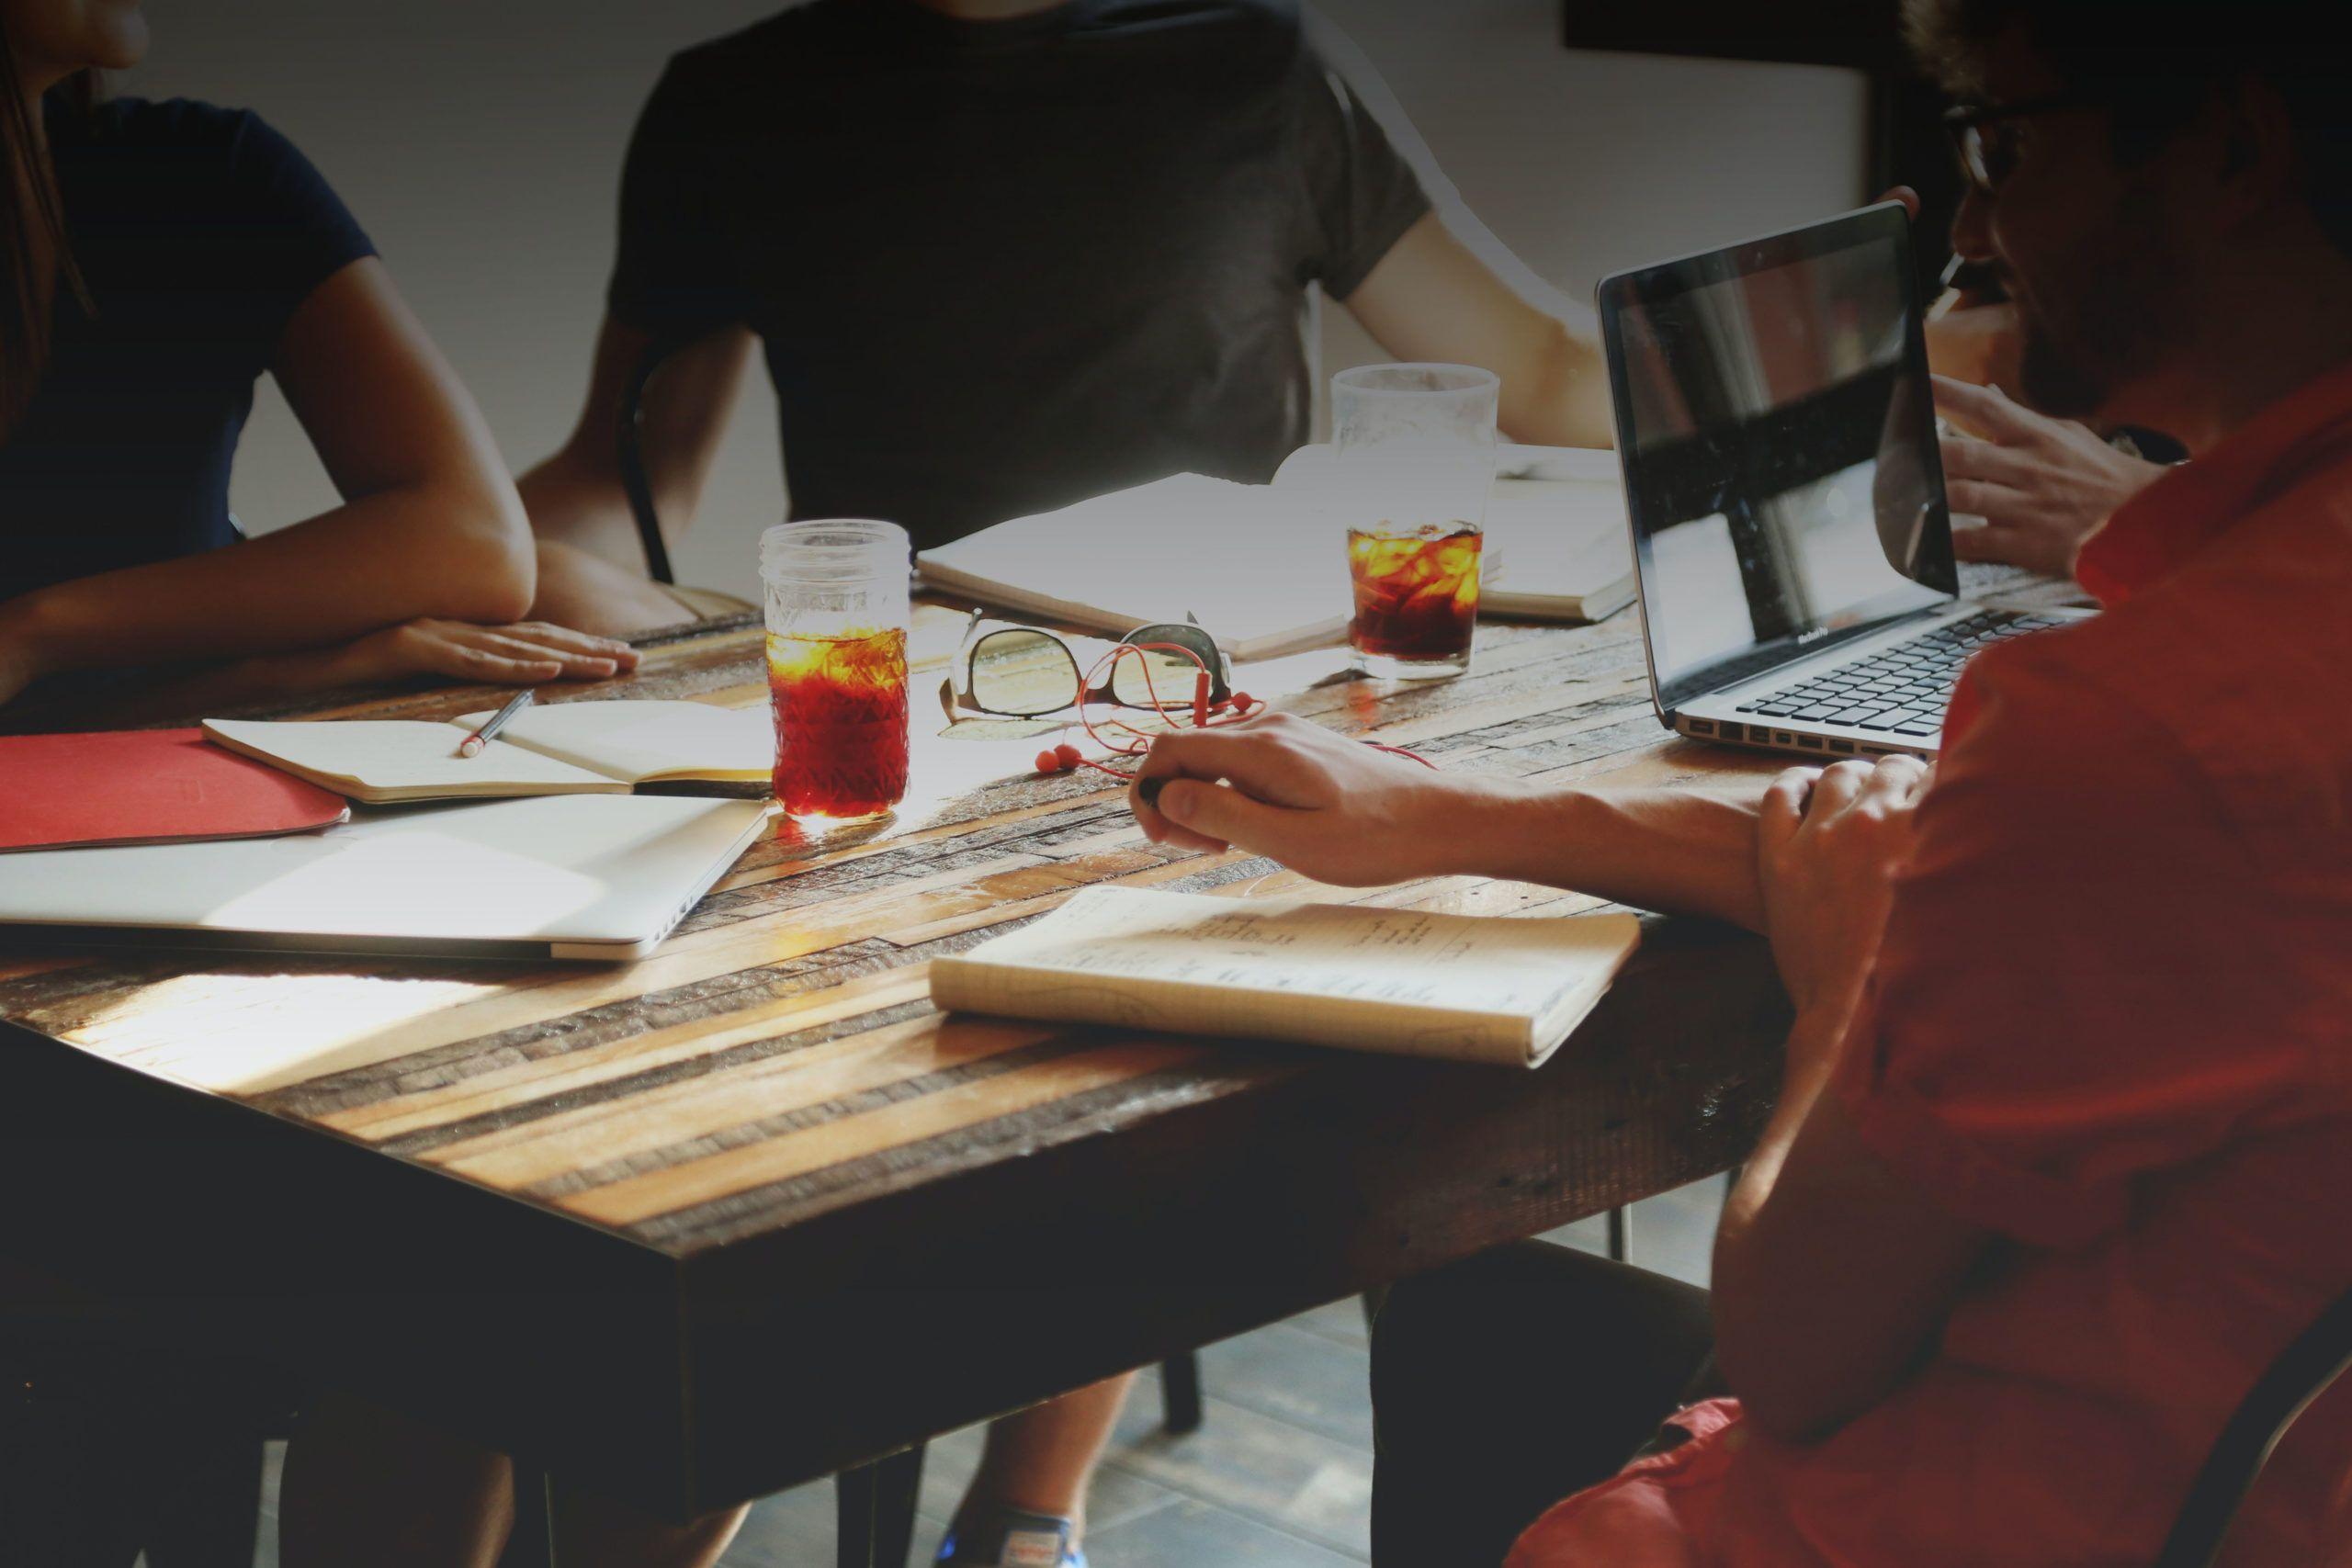 Personas trabajando juntas en una mesa de madera grande con cuadernos y bebiendo té